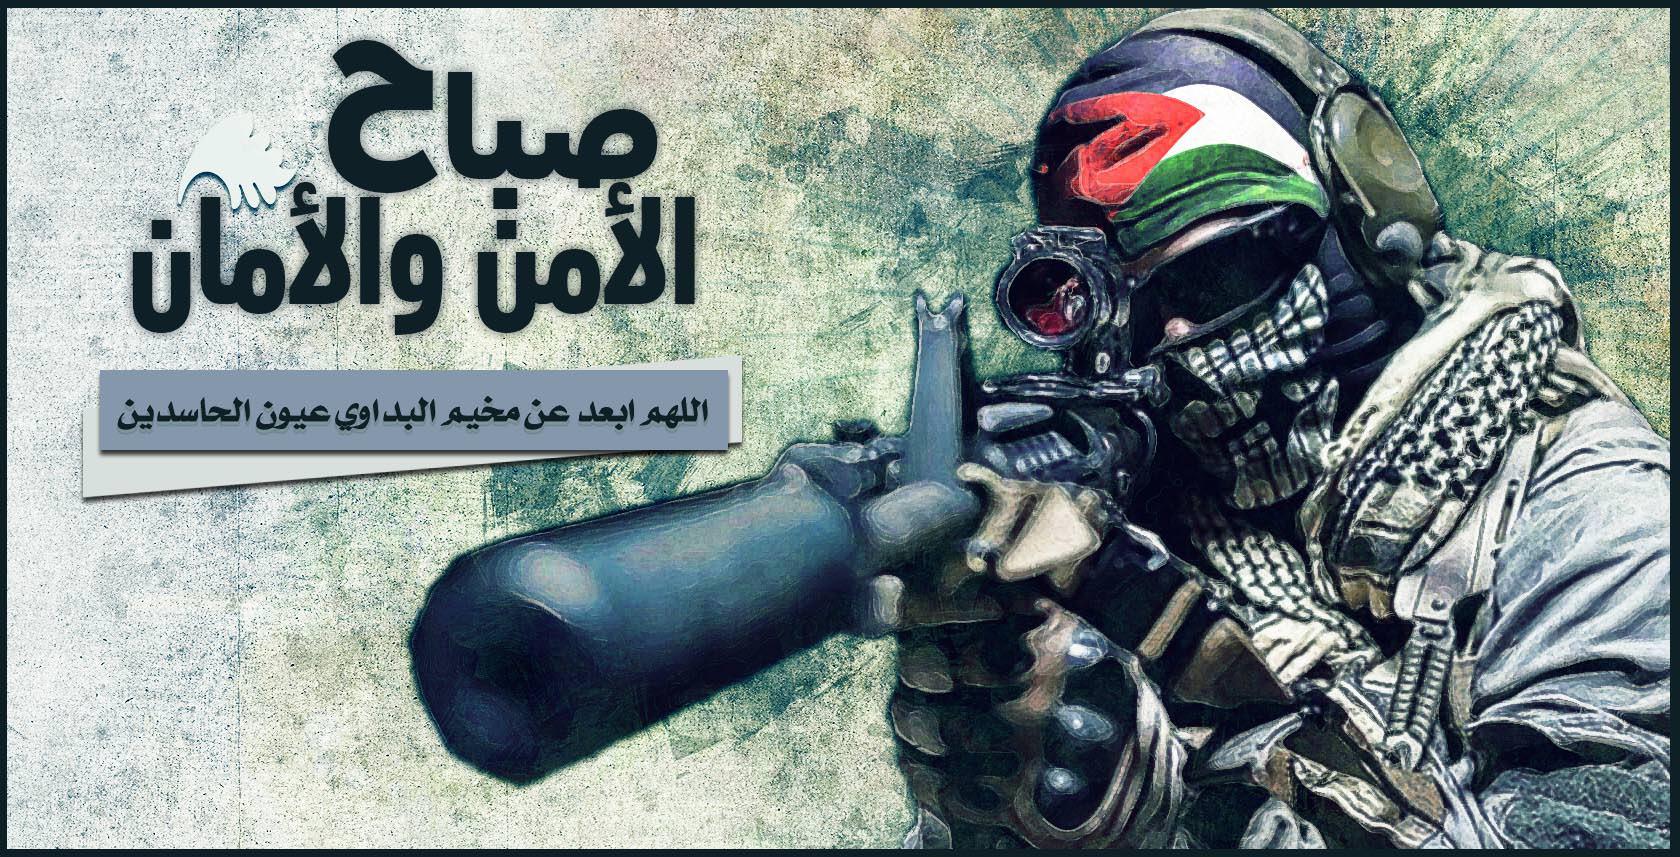 صباح الأمن والأمان || اللهم ابعد عن مخيم البداوي عيون الحاسدين